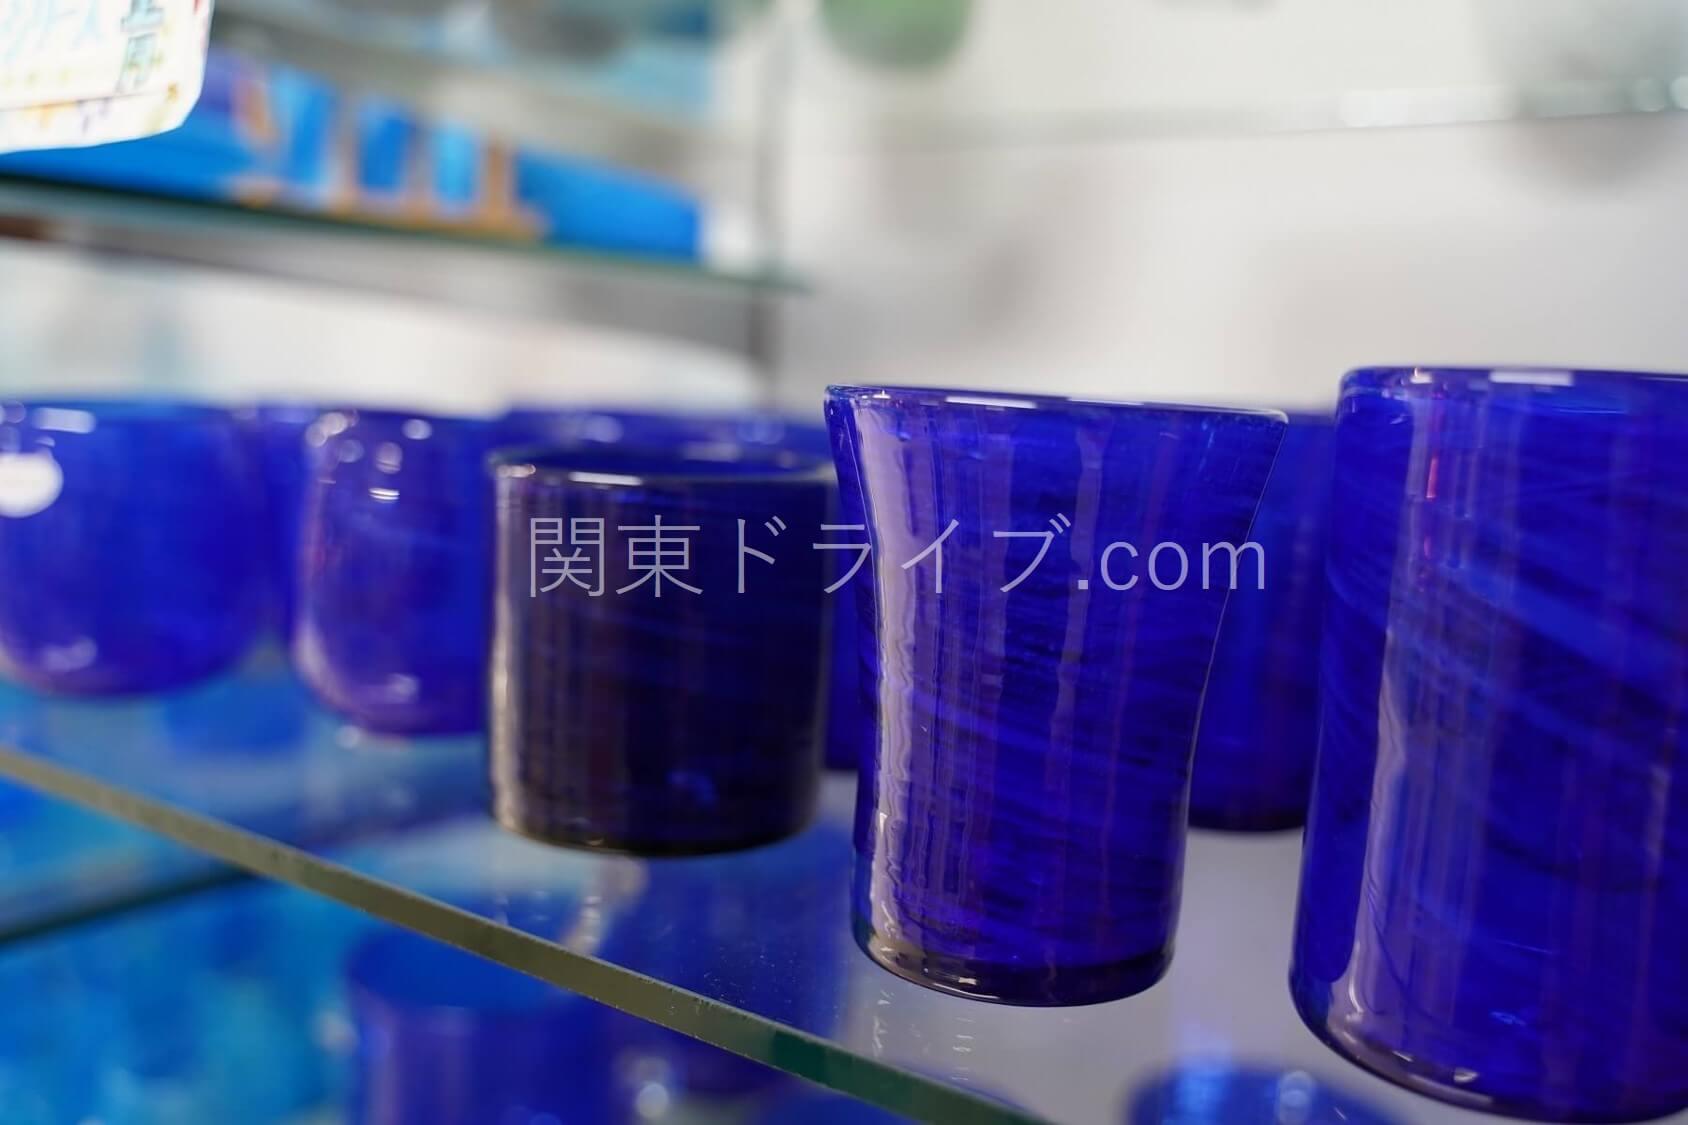 「匠工房」の琉球ガラス9